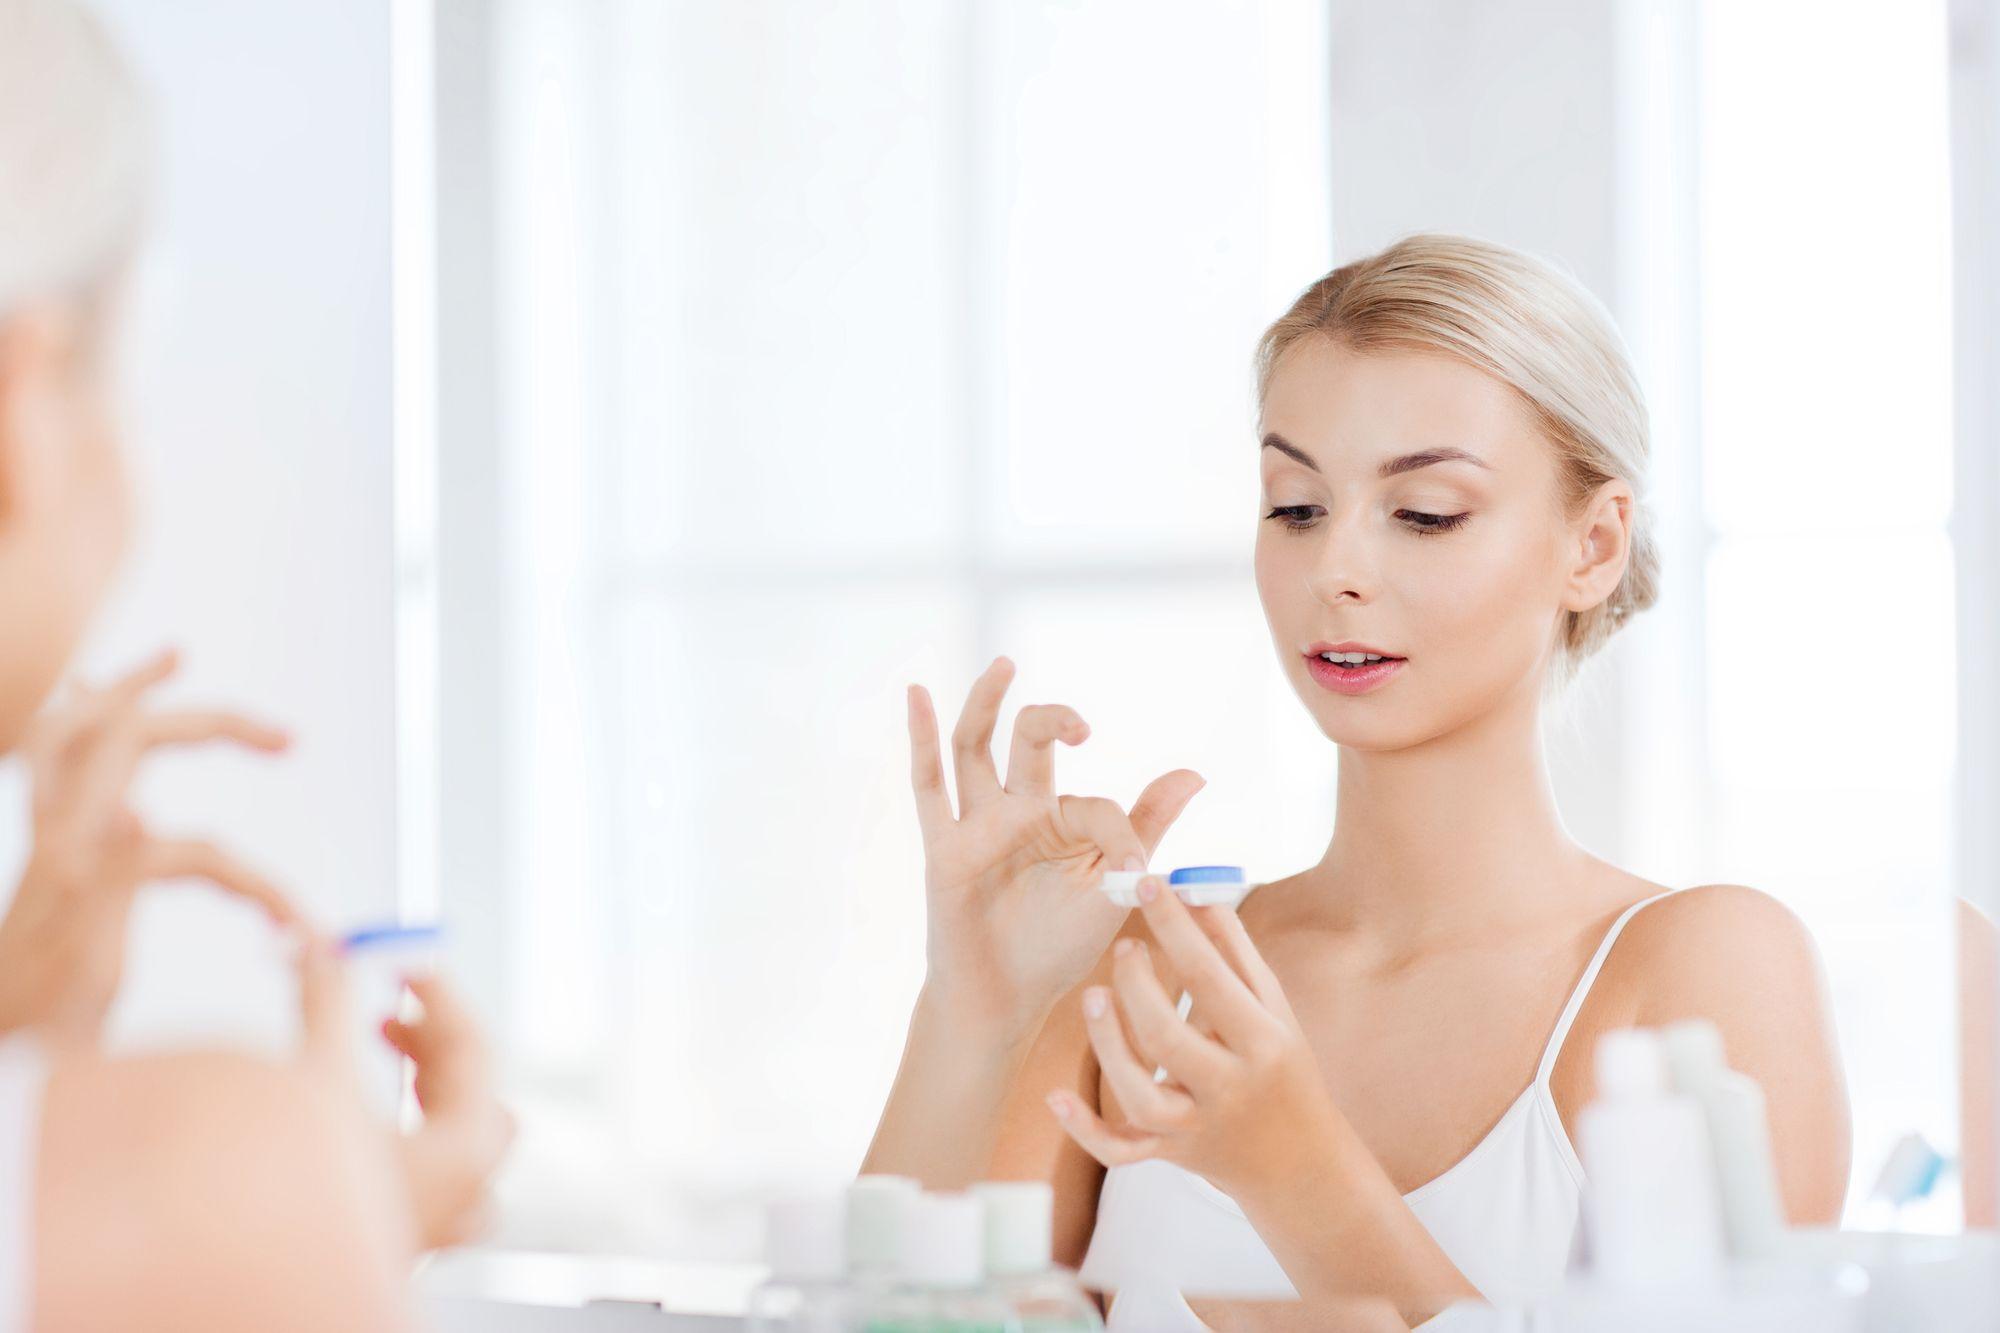 Kontaktlinsenpflege: Hygiene ist das A & O